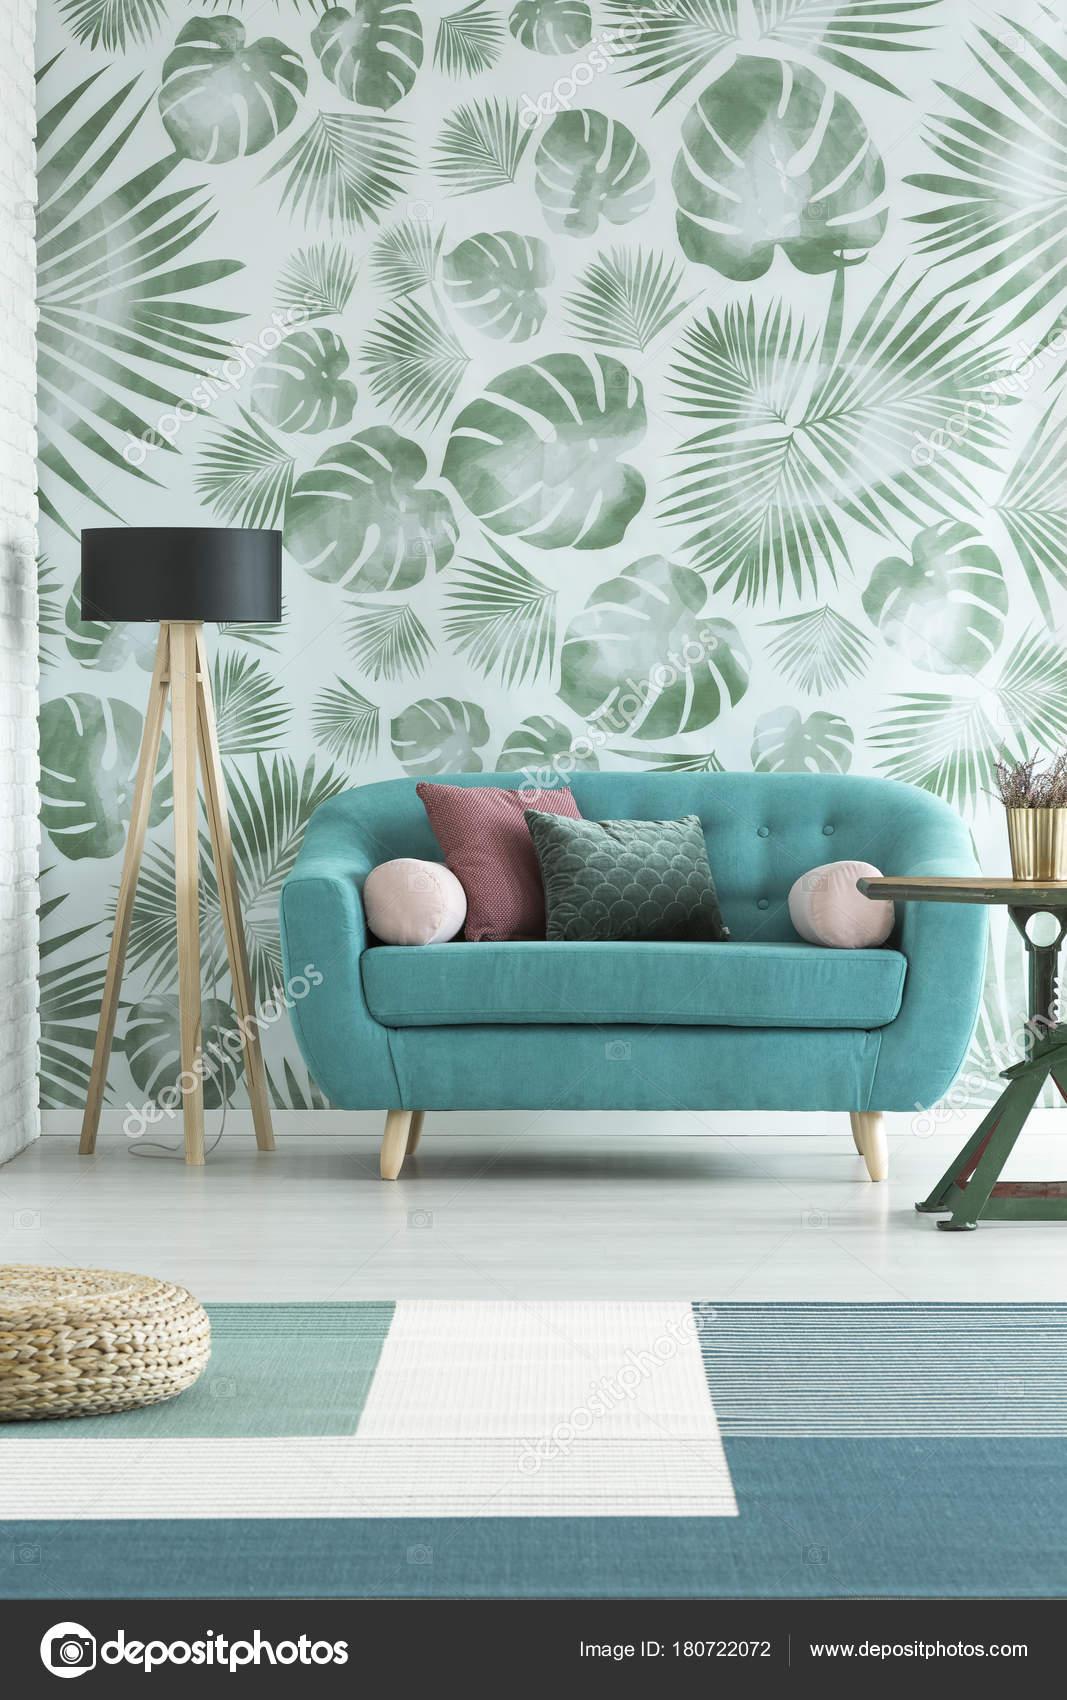 Blaues Sofa Und Hölzerne Lampe Gegen Weiße Tapete Mit Grünen  Monstera Blätter In Natürlichen Wohnzimmer Interieur U2014 Foto Von  Photographee.eu